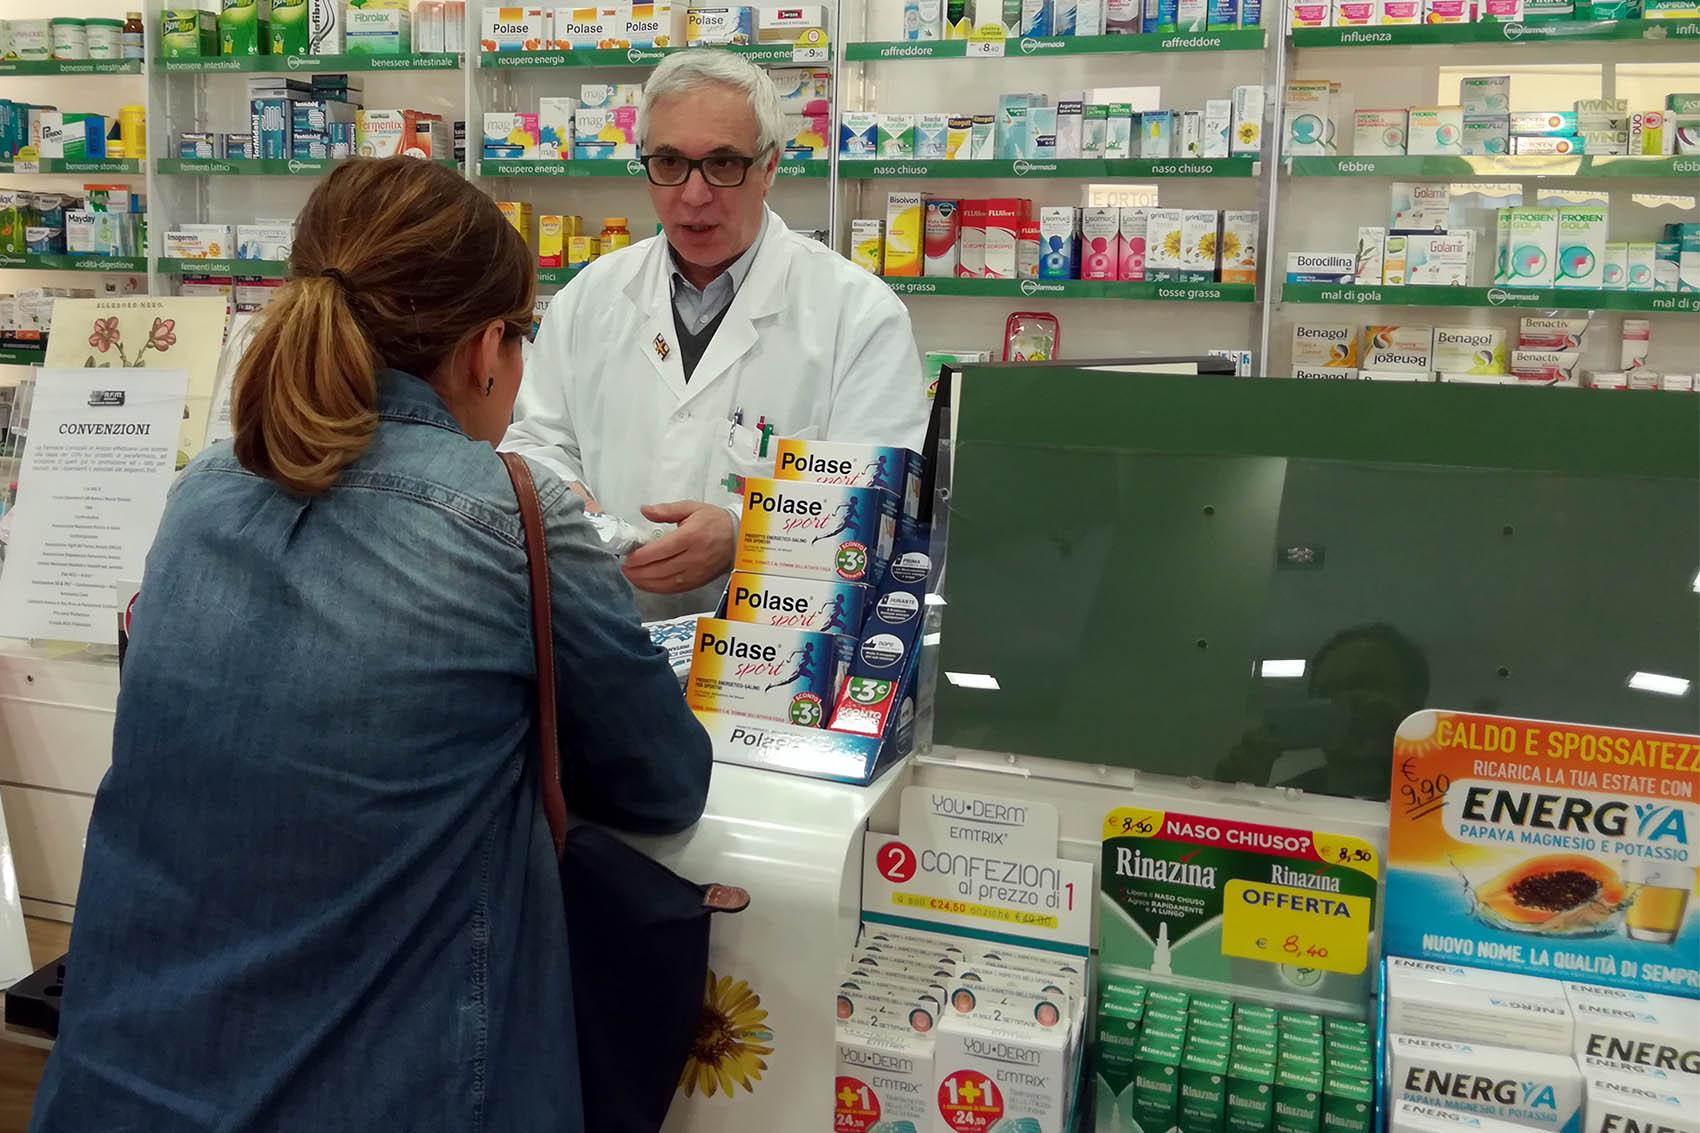 Dodicimila carte-fedeltà distribuite dalle Farmacie Comunali aretine: sconti fino al 31 maggio